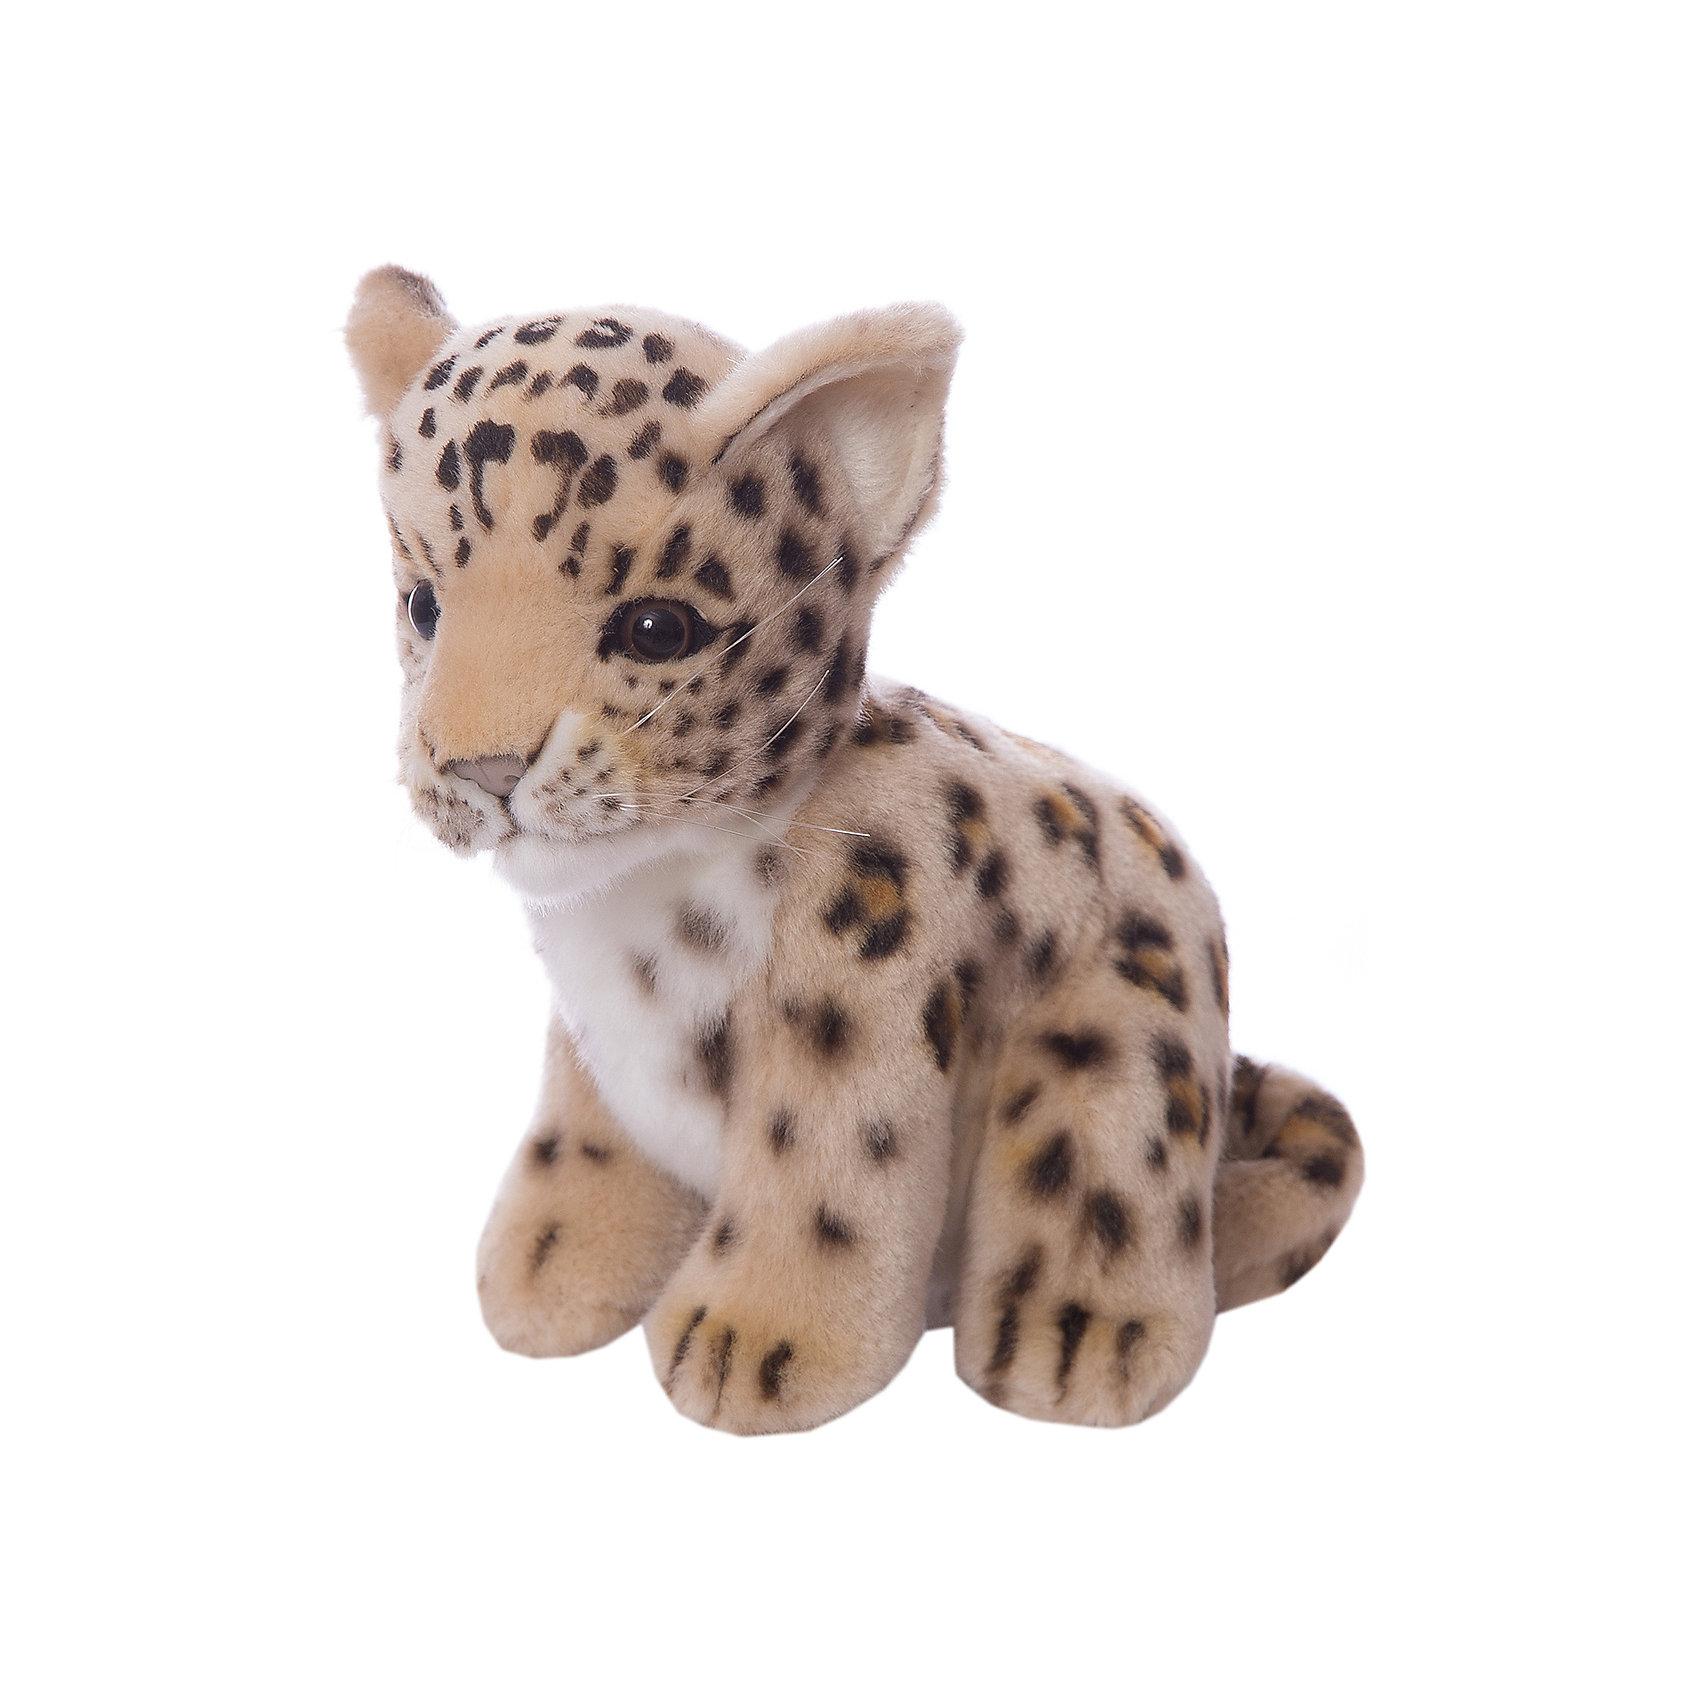 Детеныш леопарда, 18 смЗвери и птицы<br>Детеныш леопарда,  18 см – игрушка от знаменитого бренда Hansa, специализирующегося на выпуске мягких игрушек с высокой степенью натуралистичности. Внешний вид игрушечного леопарда полностью соответствует реальному прототипу. Он выполнен из искусственного меха рыжего цвета с ворсом средней длины и черными колечками. Использованные материалы обладают гипоаллергенными свойствами. Внутри игрушки имеется металлический каркас, позволяющий изменять положение. <br>Игрушка относится к серии Дикие животные. <br>Мягкие игрушки от Hansa подходят для сюжетно-ролевых игр, для обучающих игр, направленных на знакомство с животным миром дикой природы. Кроме того, их можно использовать в качестве интерьерных игрушек. Коллекция из нескольких игрушек позволяет создать свой домашний зоопарк, который будет радовать вашего ребенка долгое время, так как ручная работа и качественные материалы гарантируют их долговечность и прочность.<br><br>Дополнительная информация:<br><br>- Вид игр: сюжетно-ролевые игры, коллекционирование, интерьерные игрушки<br>- Предназначение: для дома, для детских развивающих центров, для детских садов<br>- Материал: искусственный мех, наполнитель ? полиэфирное волокно<br>- Размер (ДхШхВ): 18*18*13 см<br>- Вес: 690 г<br>- Особенности ухода: сухая чистка при помощи пылесоса или щетки для одежды<br><br>Подробнее:<br><br>• Для детей в возрасте: от 3 лет <br>• Страна производитель: Филиппины<br>• Торговый бренд: Hansa<br><br>Детеныша леопарда, 18 см можно купить в нашем интернет-магазине.<br><br>Ширина мм: 18<br>Глубина мм: 18<br>Высота мм: 13<br>Вес г: 690<br>Возраст от месяцев: 36<br>Возраст до месяцев: 2147483647<br>Пол: Унисекс<br>Возраст: Детский<br>SKU: 4927159